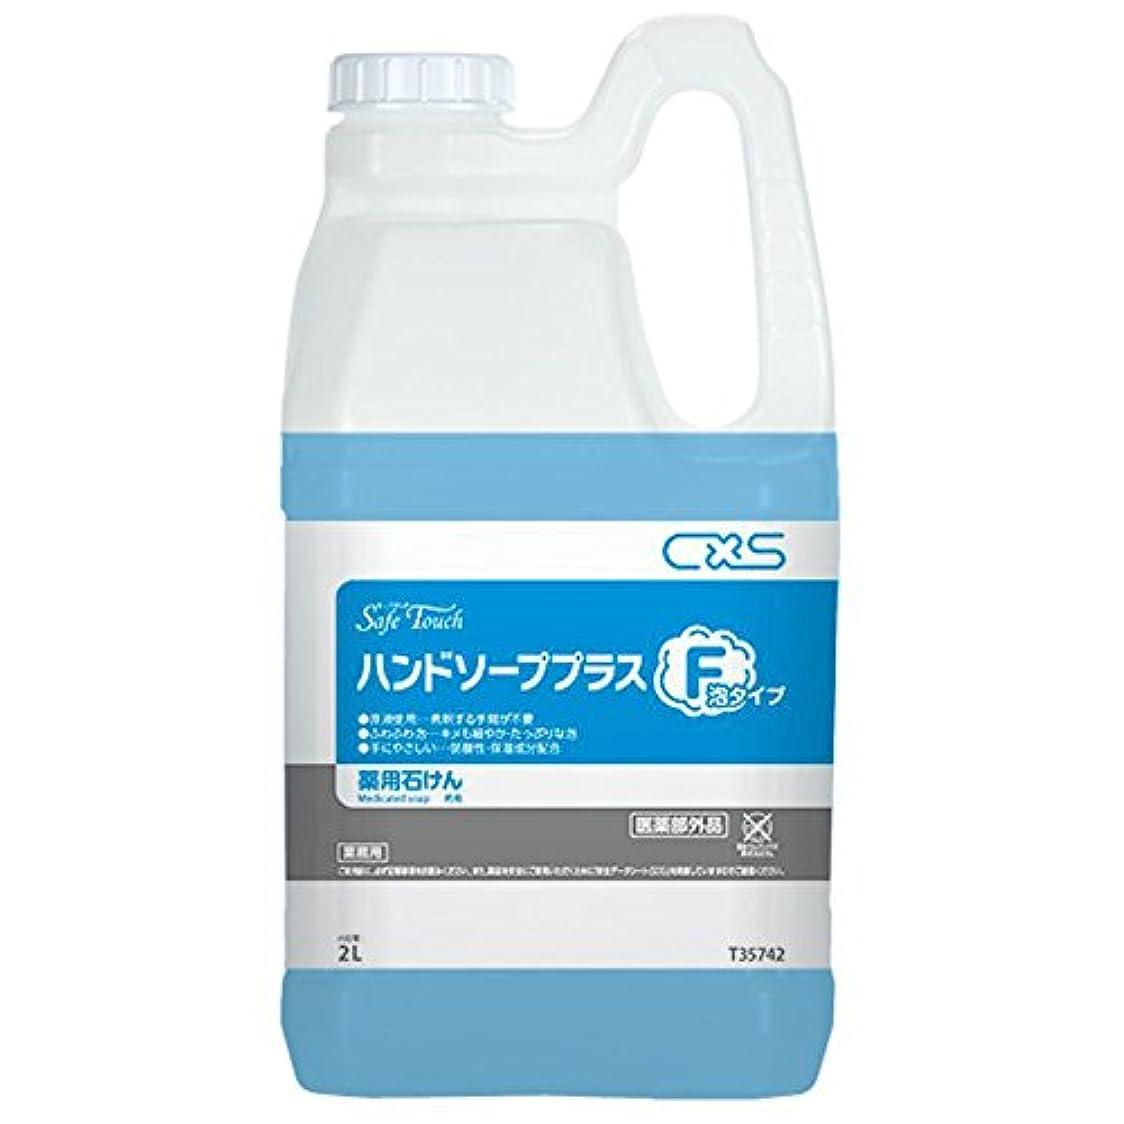 対人農業テントシーバイエス(C×S) 殺菌?消毒用手洗い石けん セーフタッチハンドソーププラスF 2L